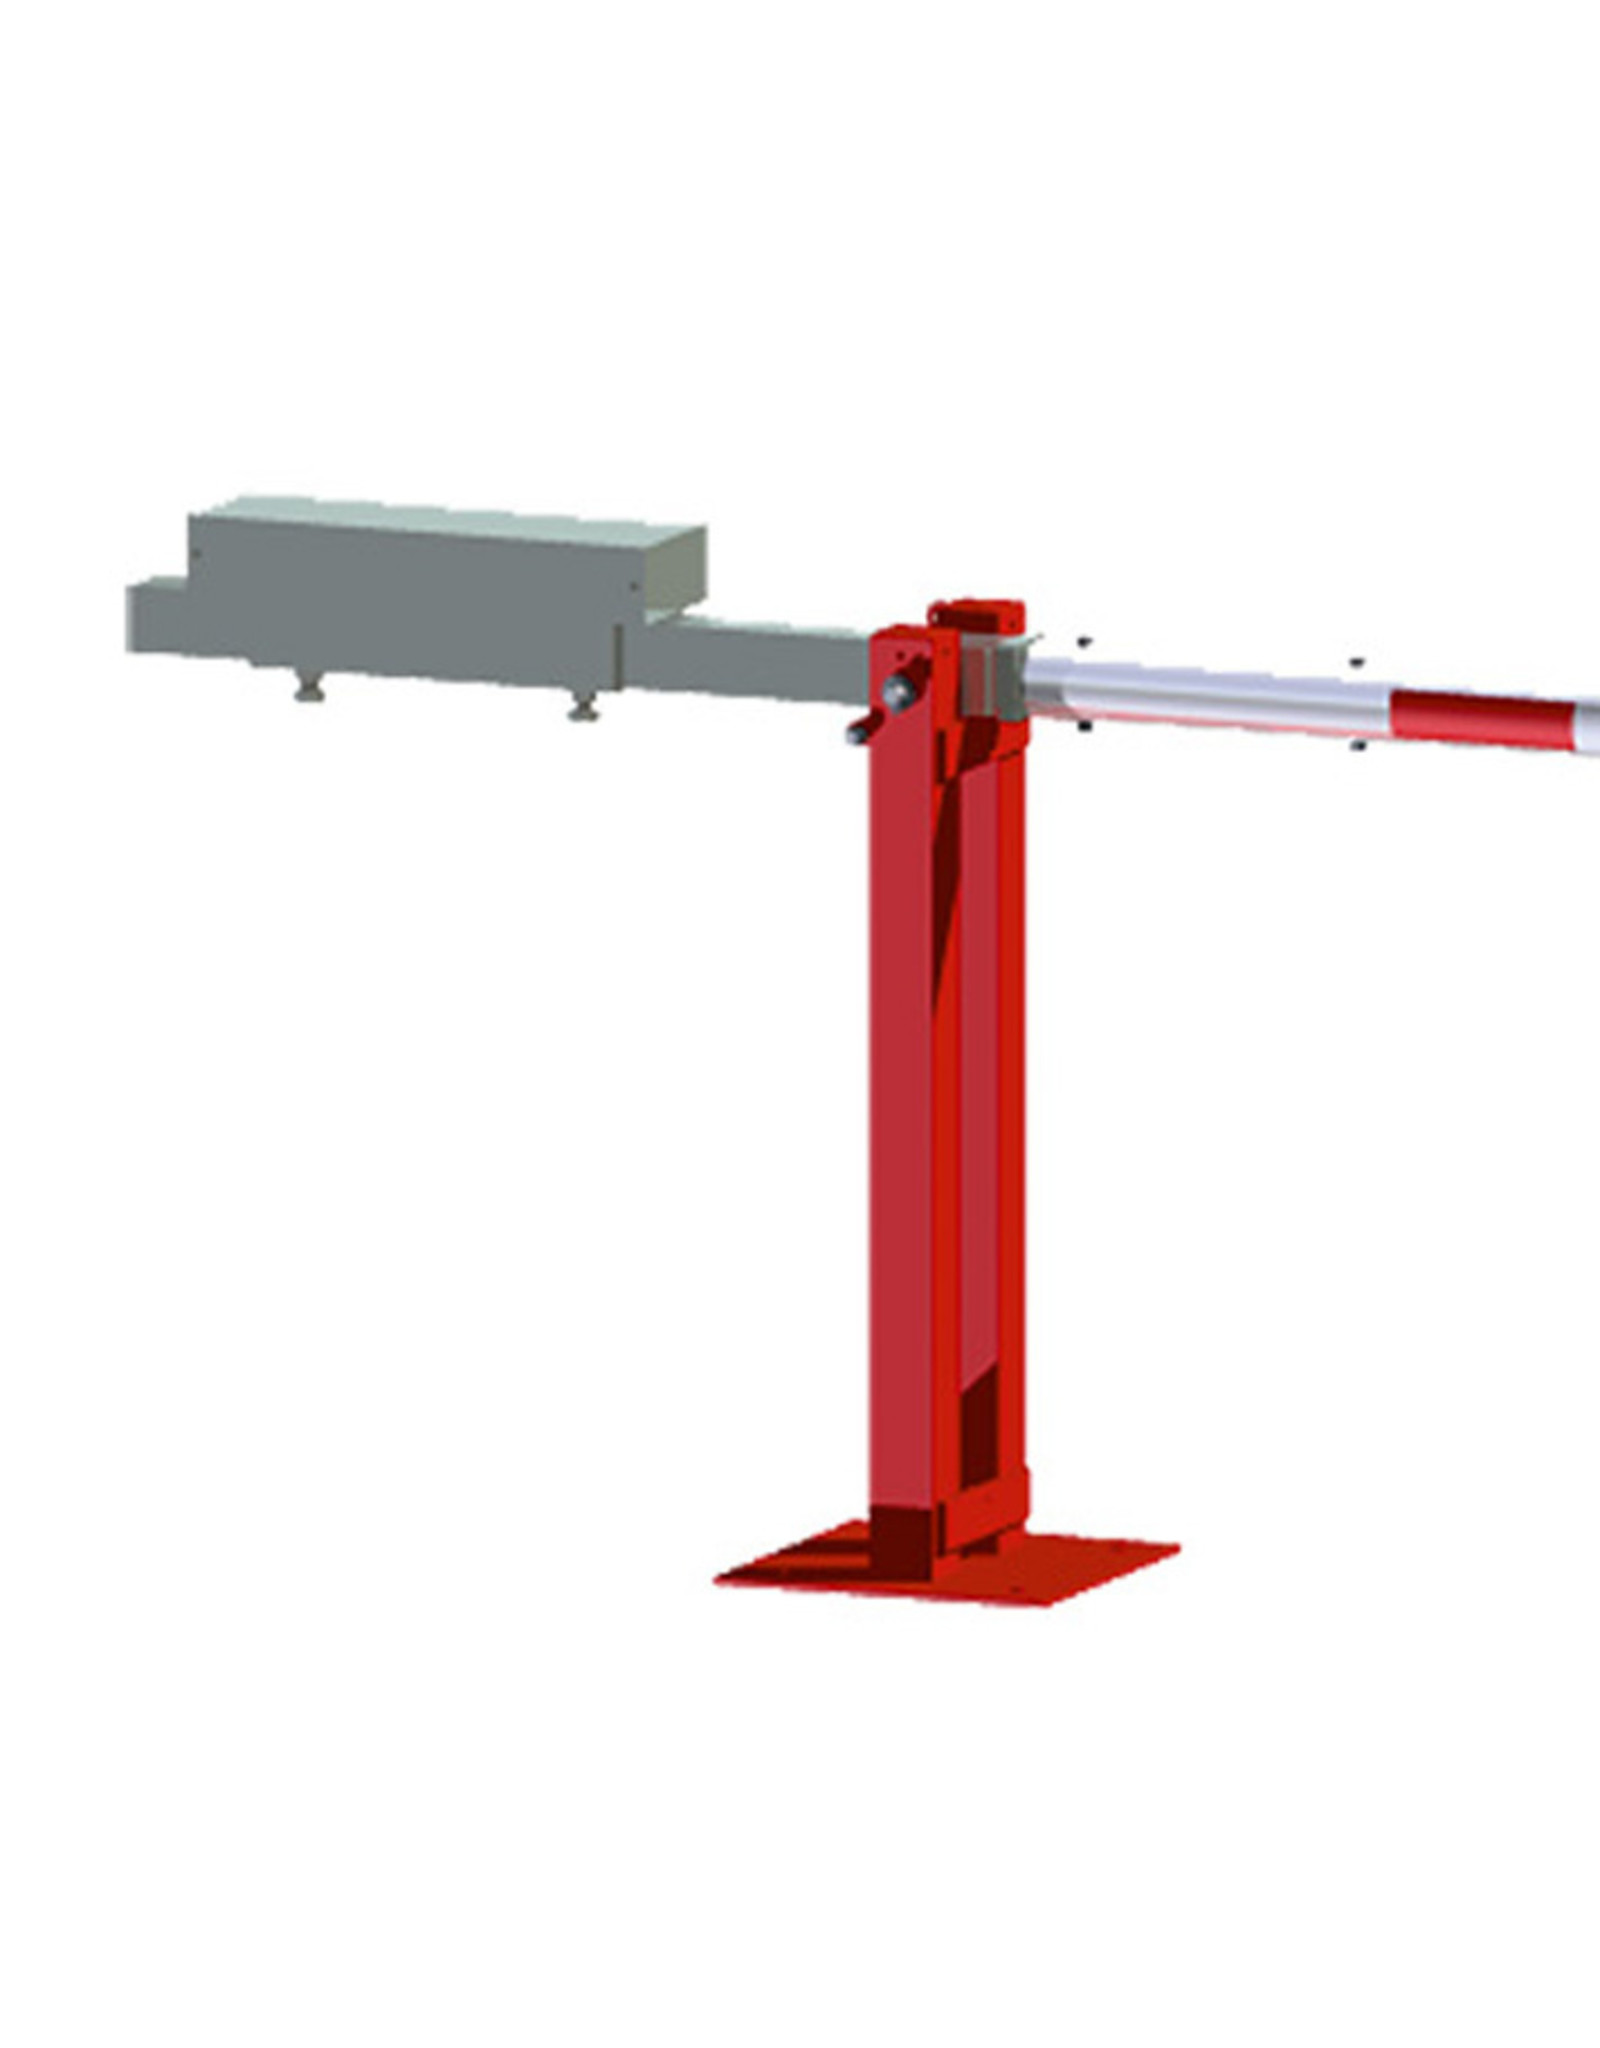 Verkeerswinkel | Slagboom 300 cm tot 700 cm, incl. Staander, Contragewicht en Hangslot